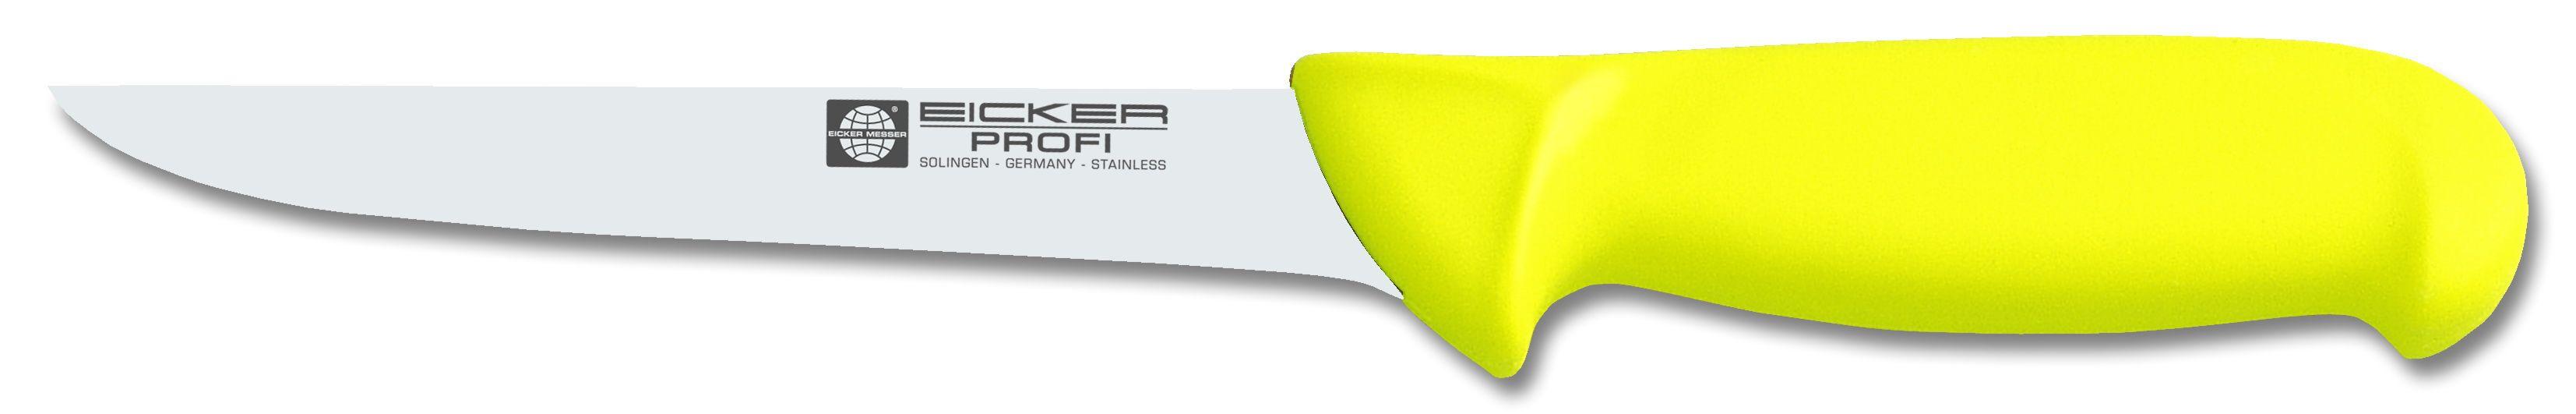 Нож обвалочный 507 арт. 7020001 фото, купить в Липецке | Uliss Trade